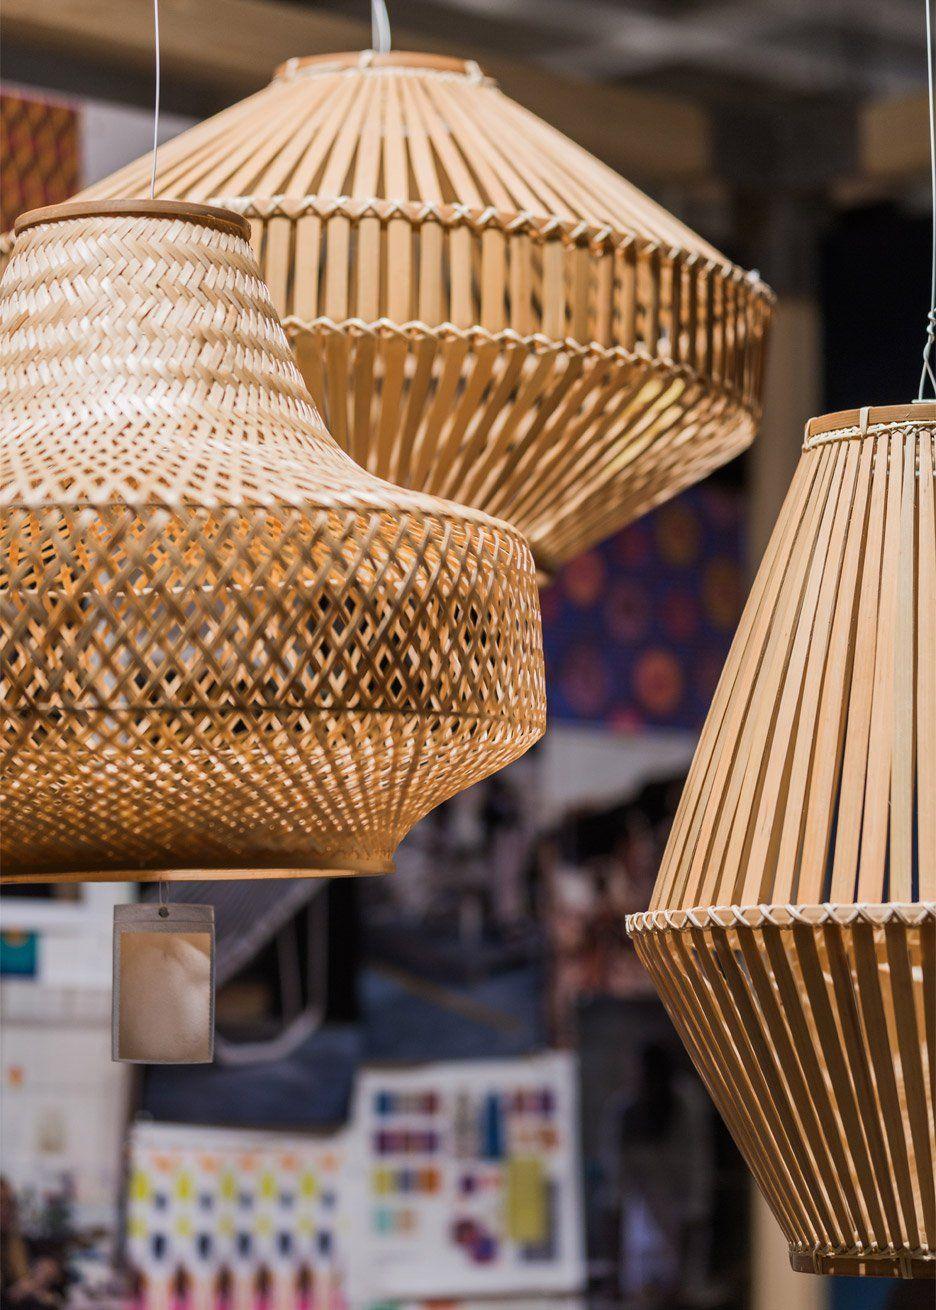 Ikea Jassa Collection With Piet Hein Eek Perabot Asian